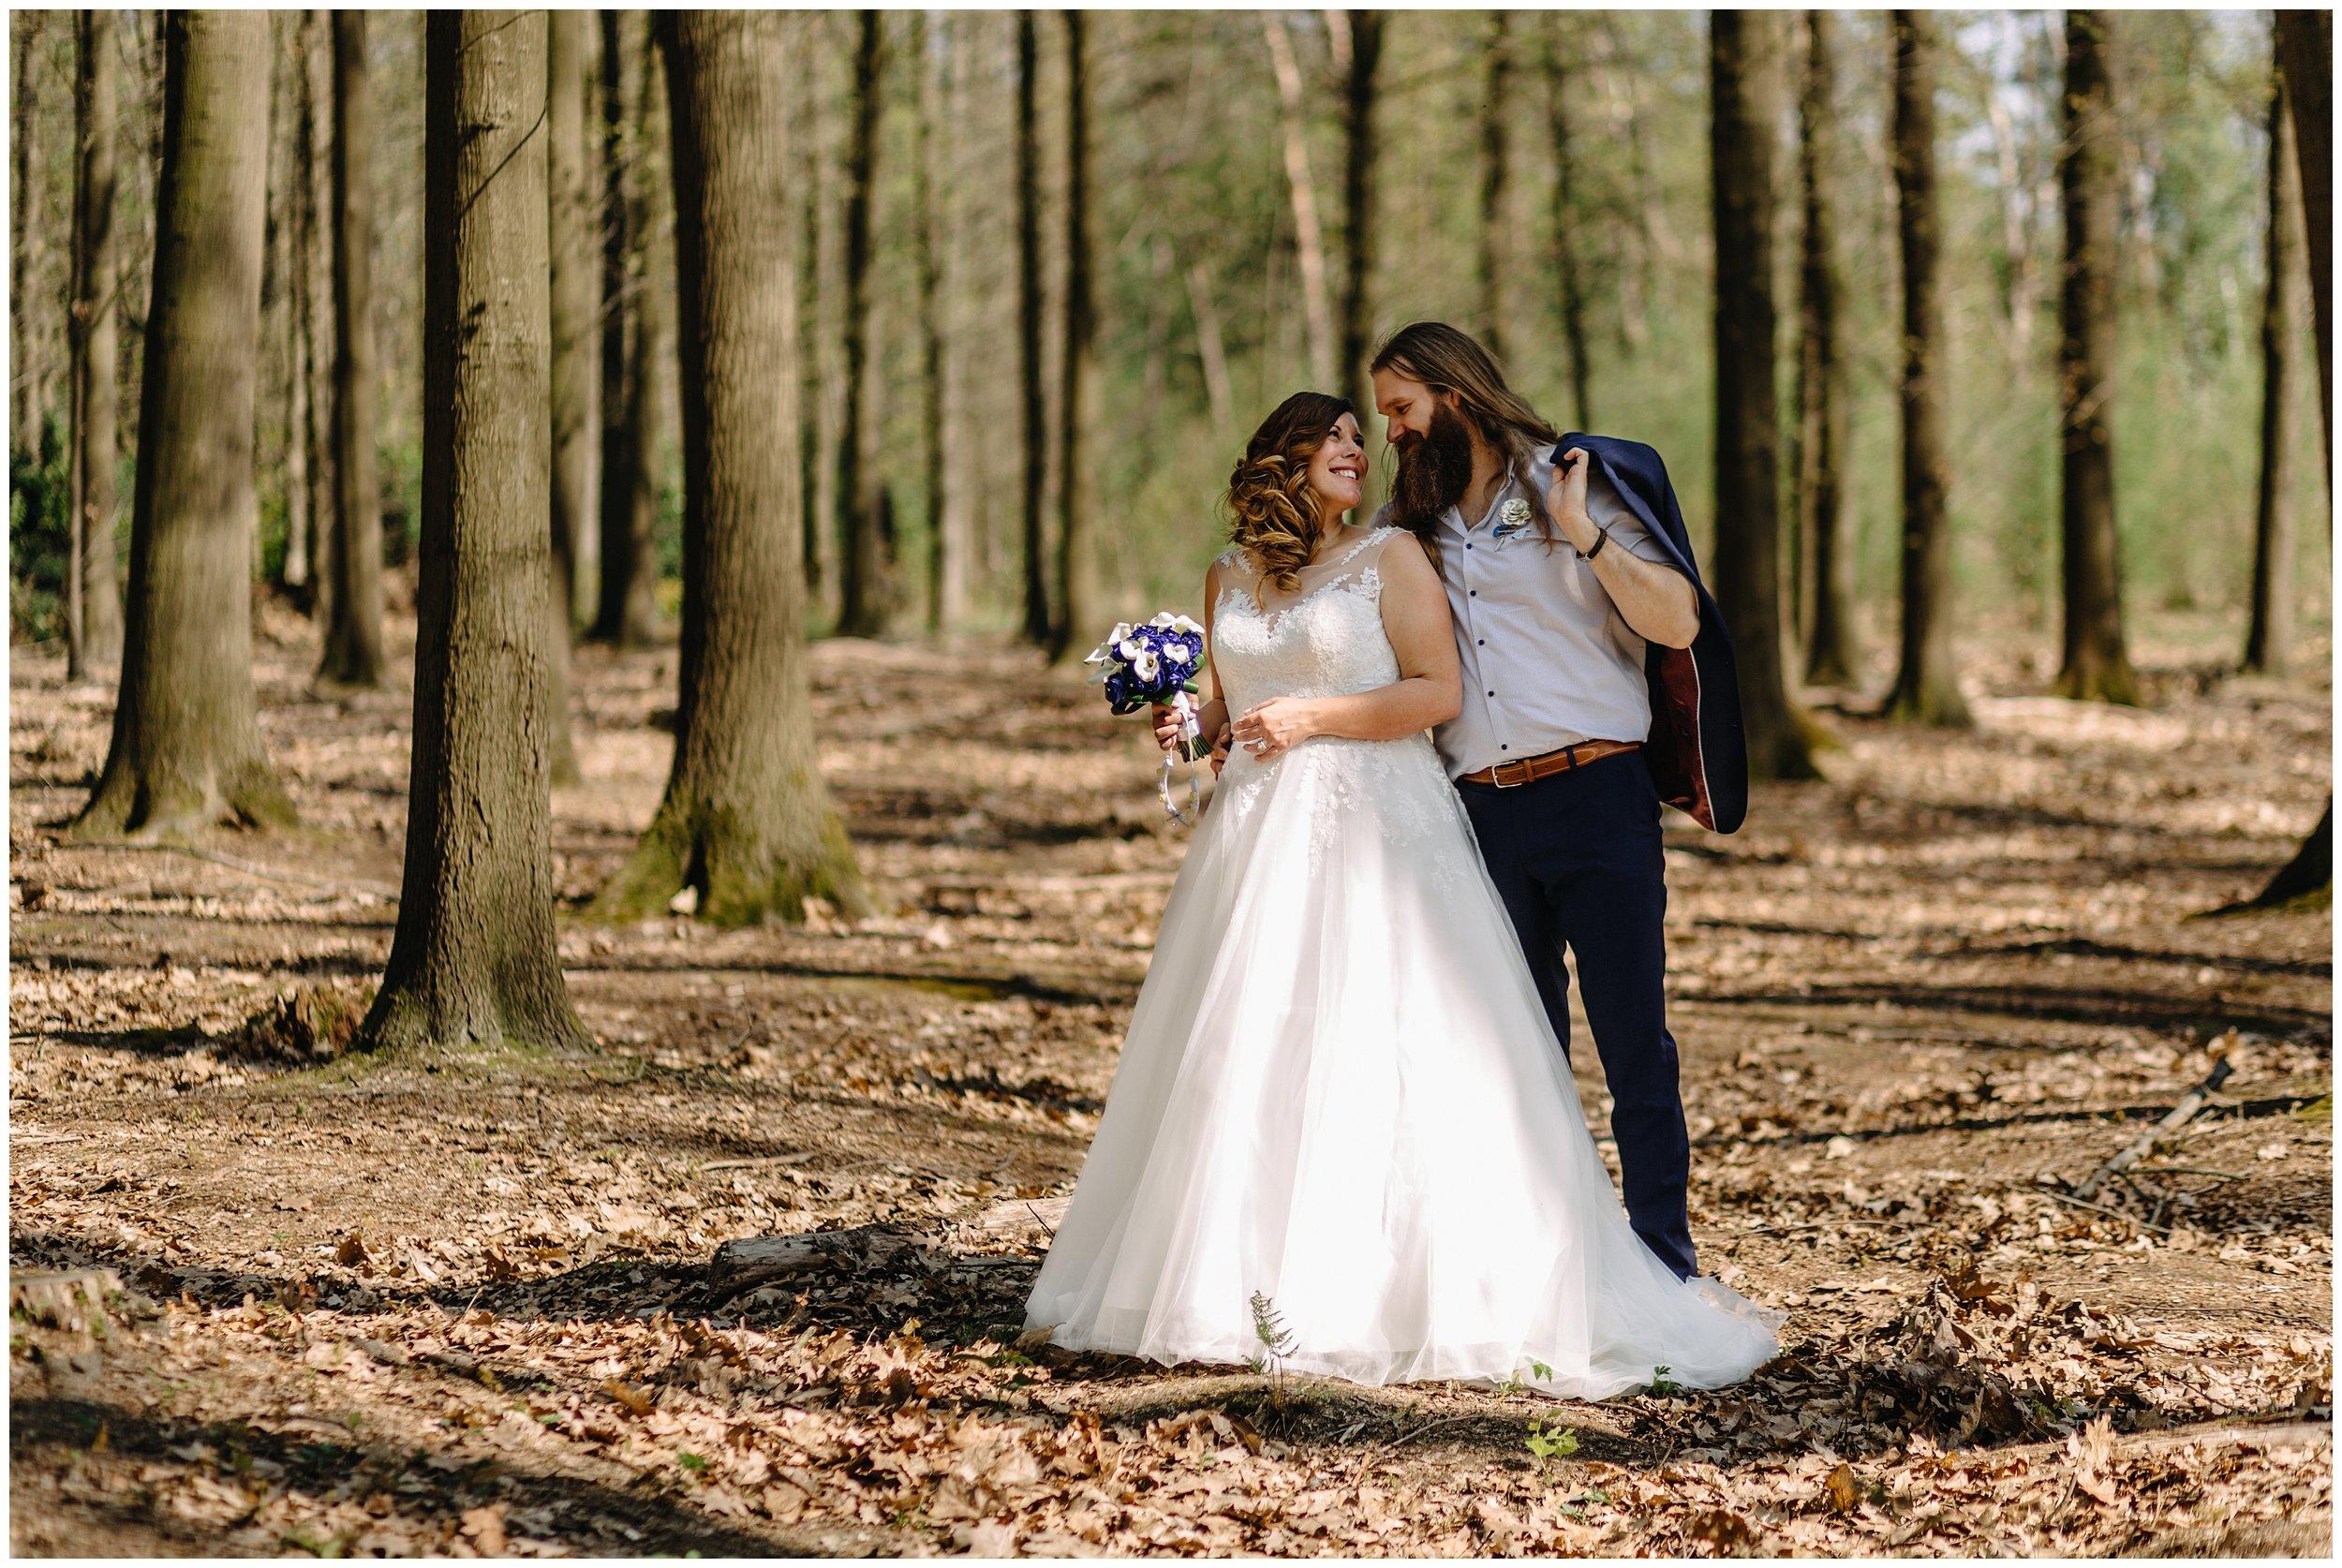 huwelijk-emma-rik-herentals-prinsenhof-herenthout-internationaal_0027.jpg